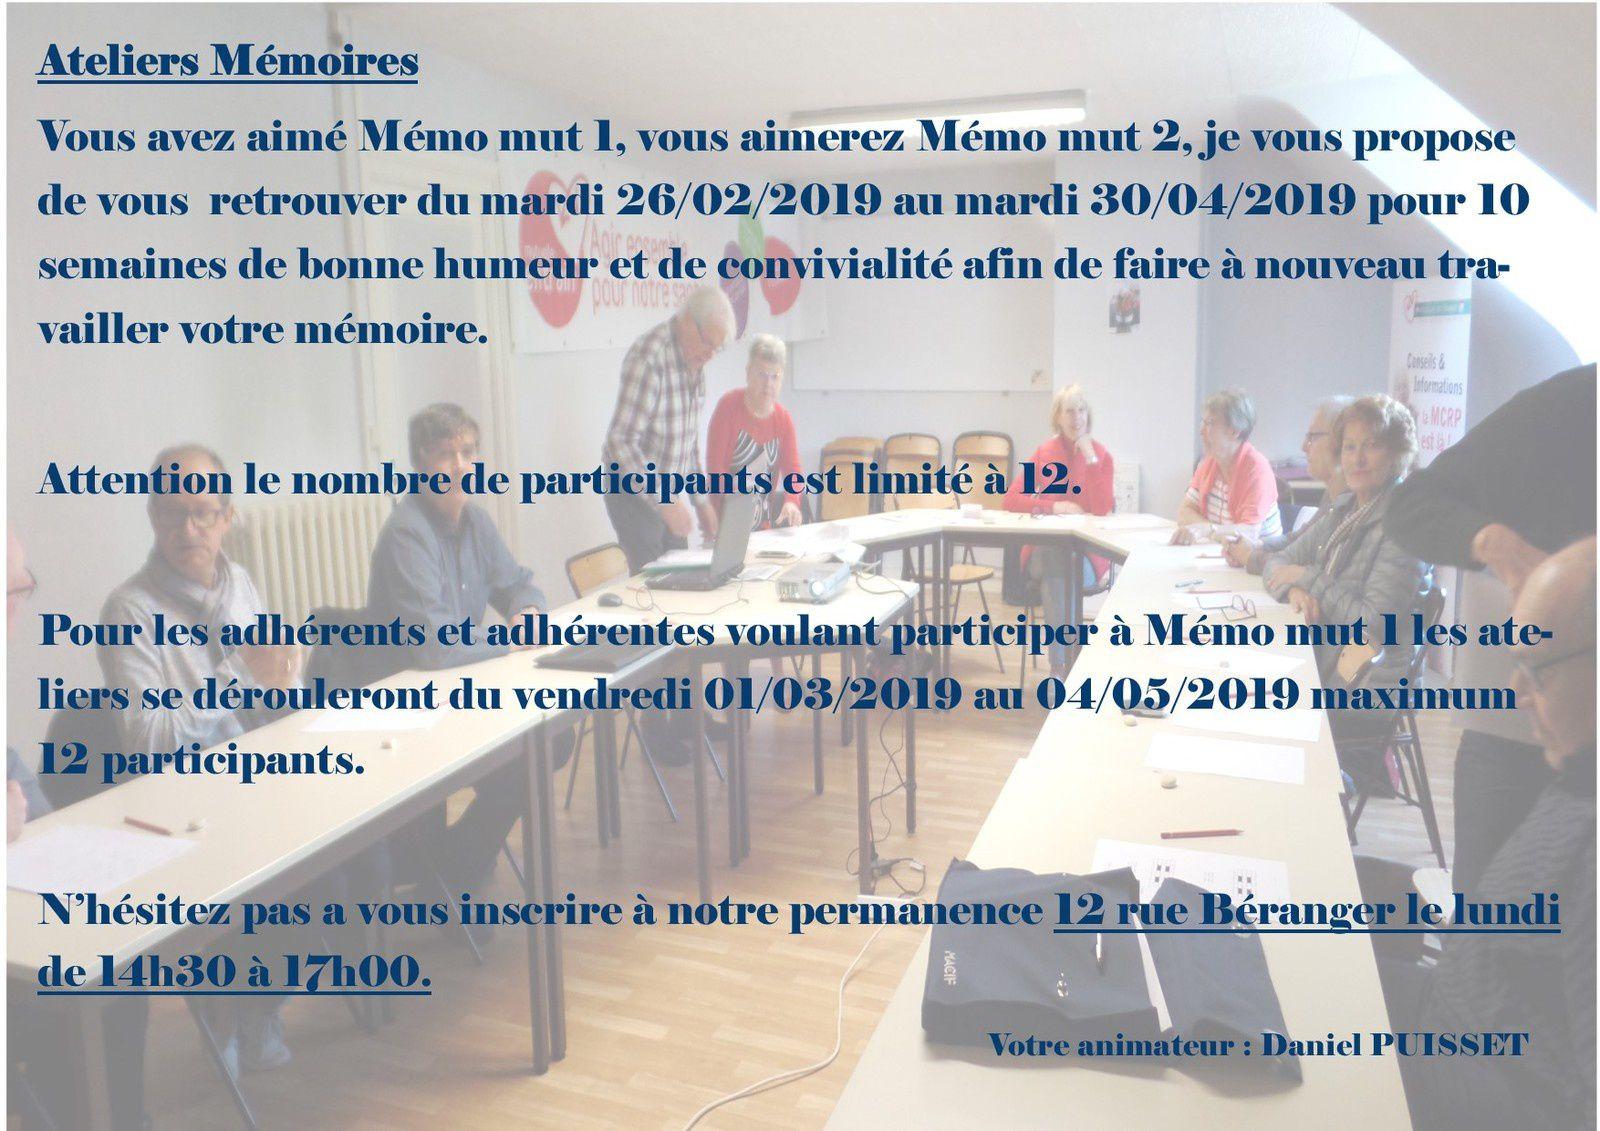 Atelier mémoire 2019